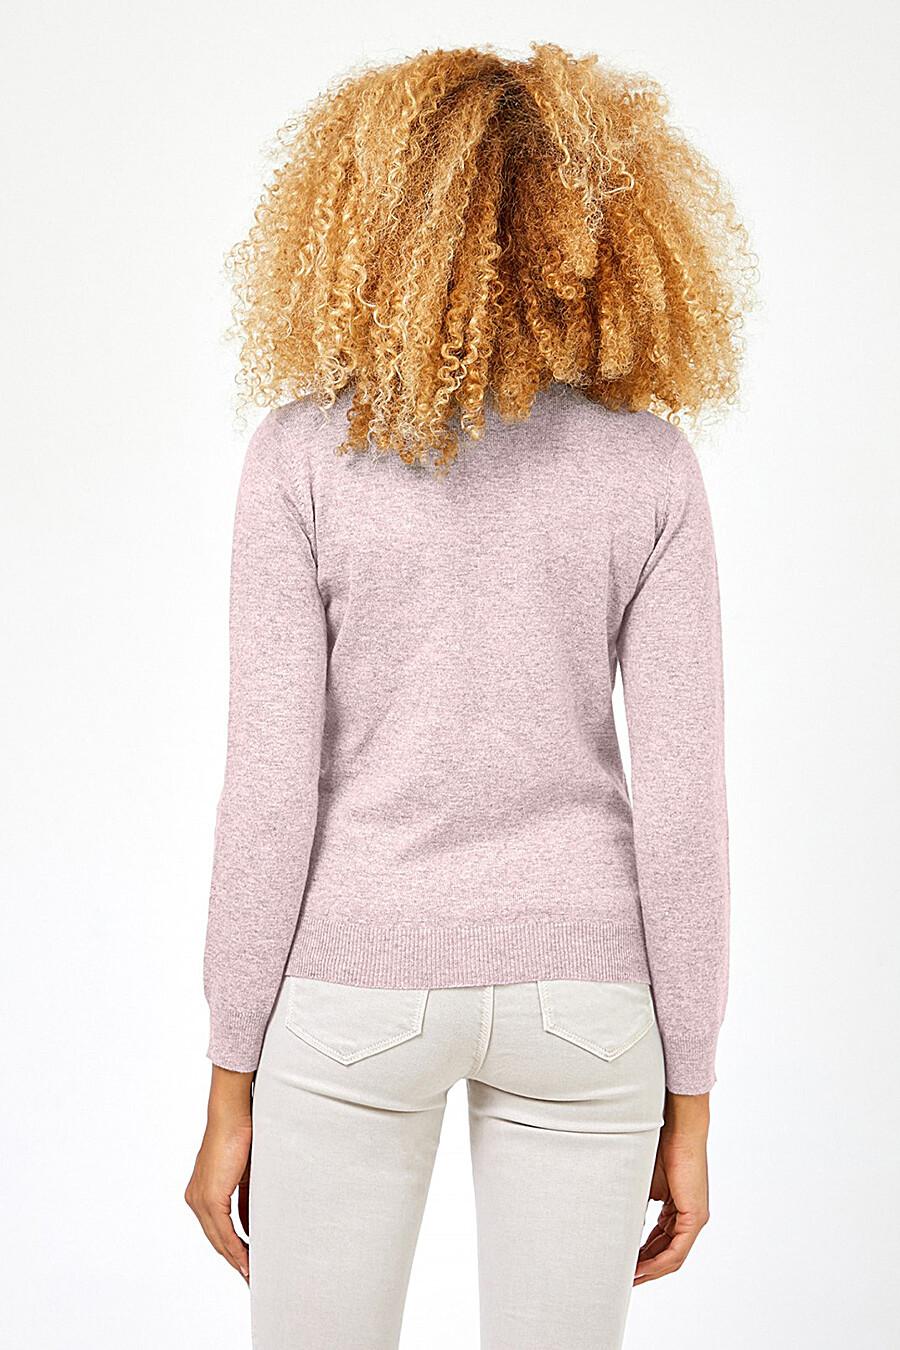 Джемпер для женщин TOM FARR 155119 купить оптом от производителя. Совместная покупка женской одежды в OptMoyo